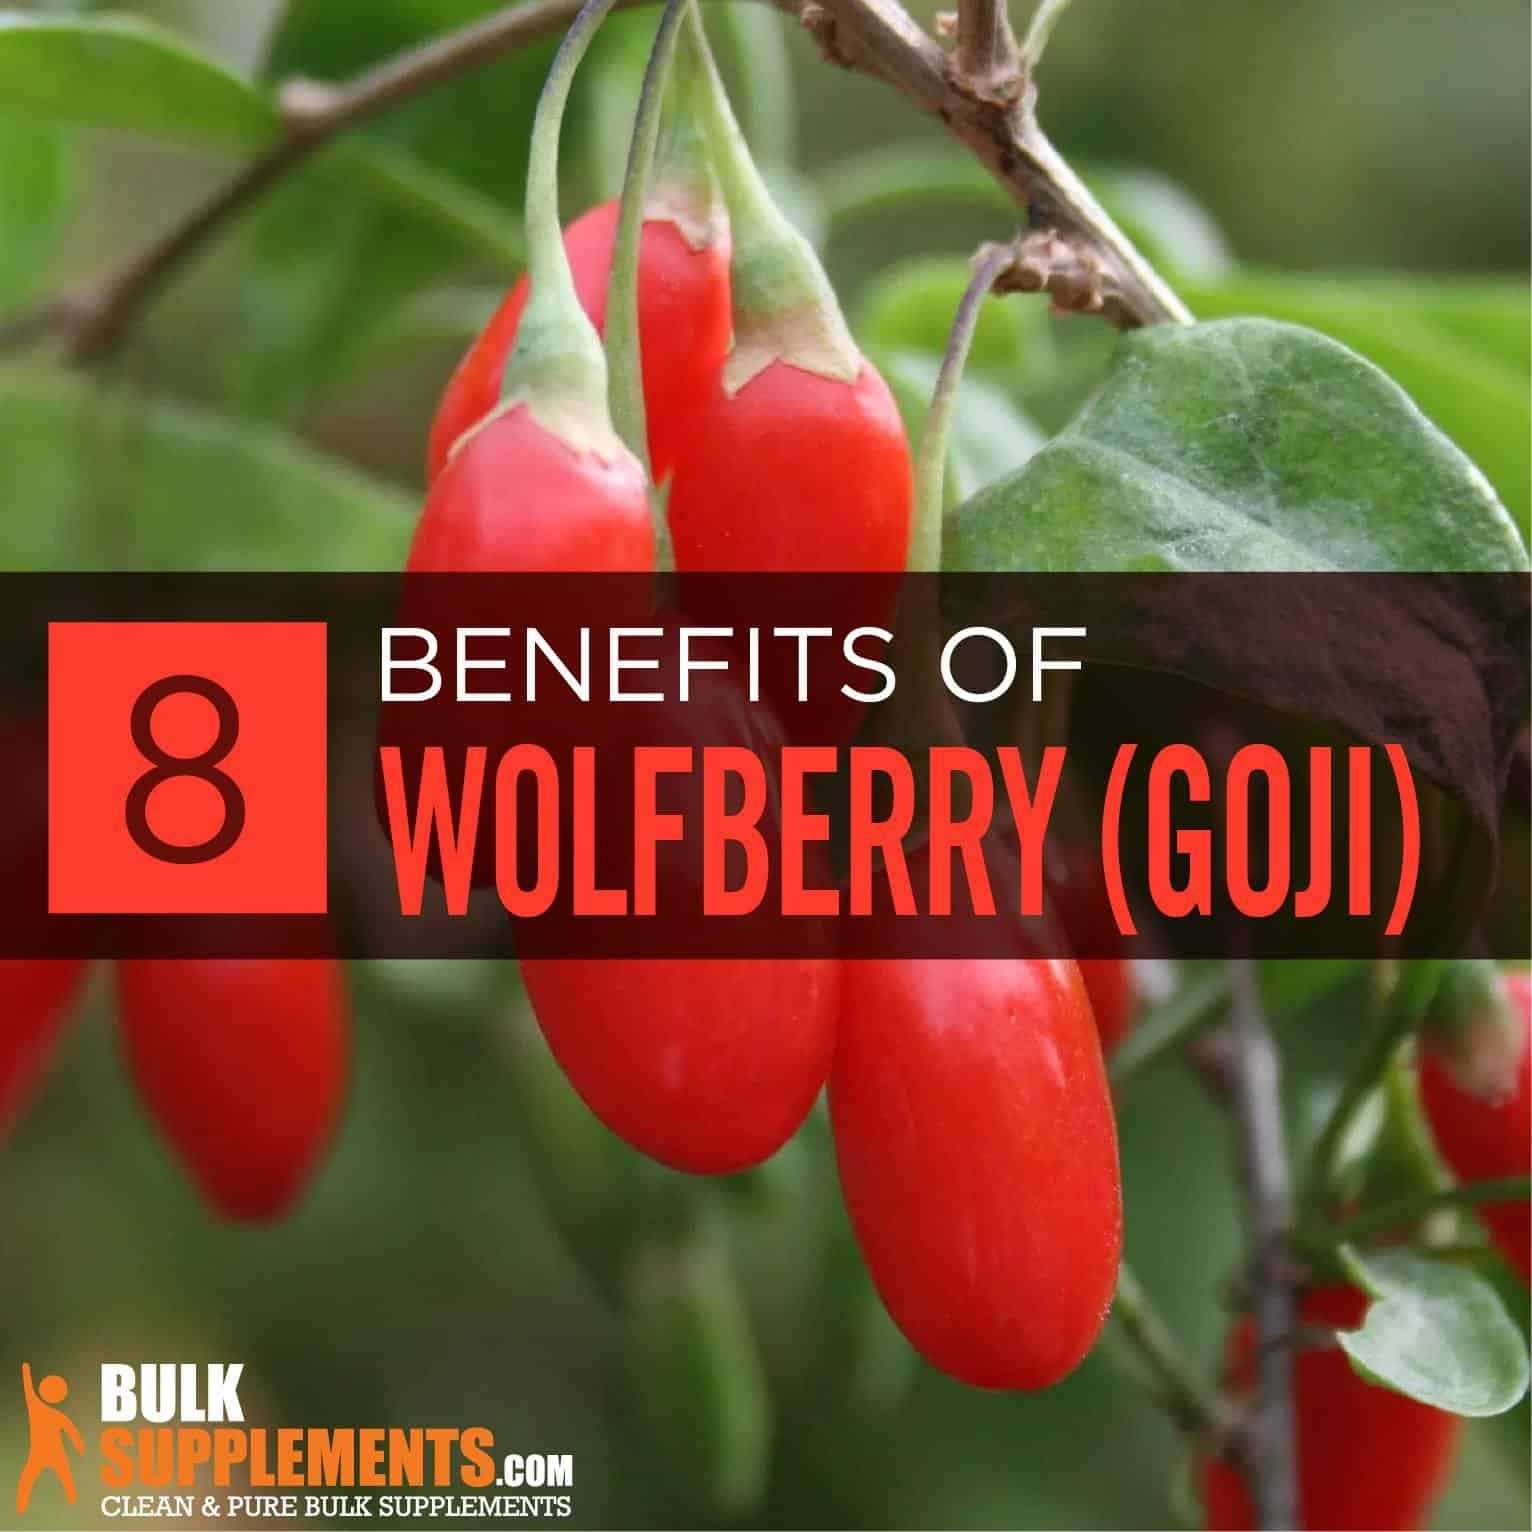 Wolfberry (Goji)